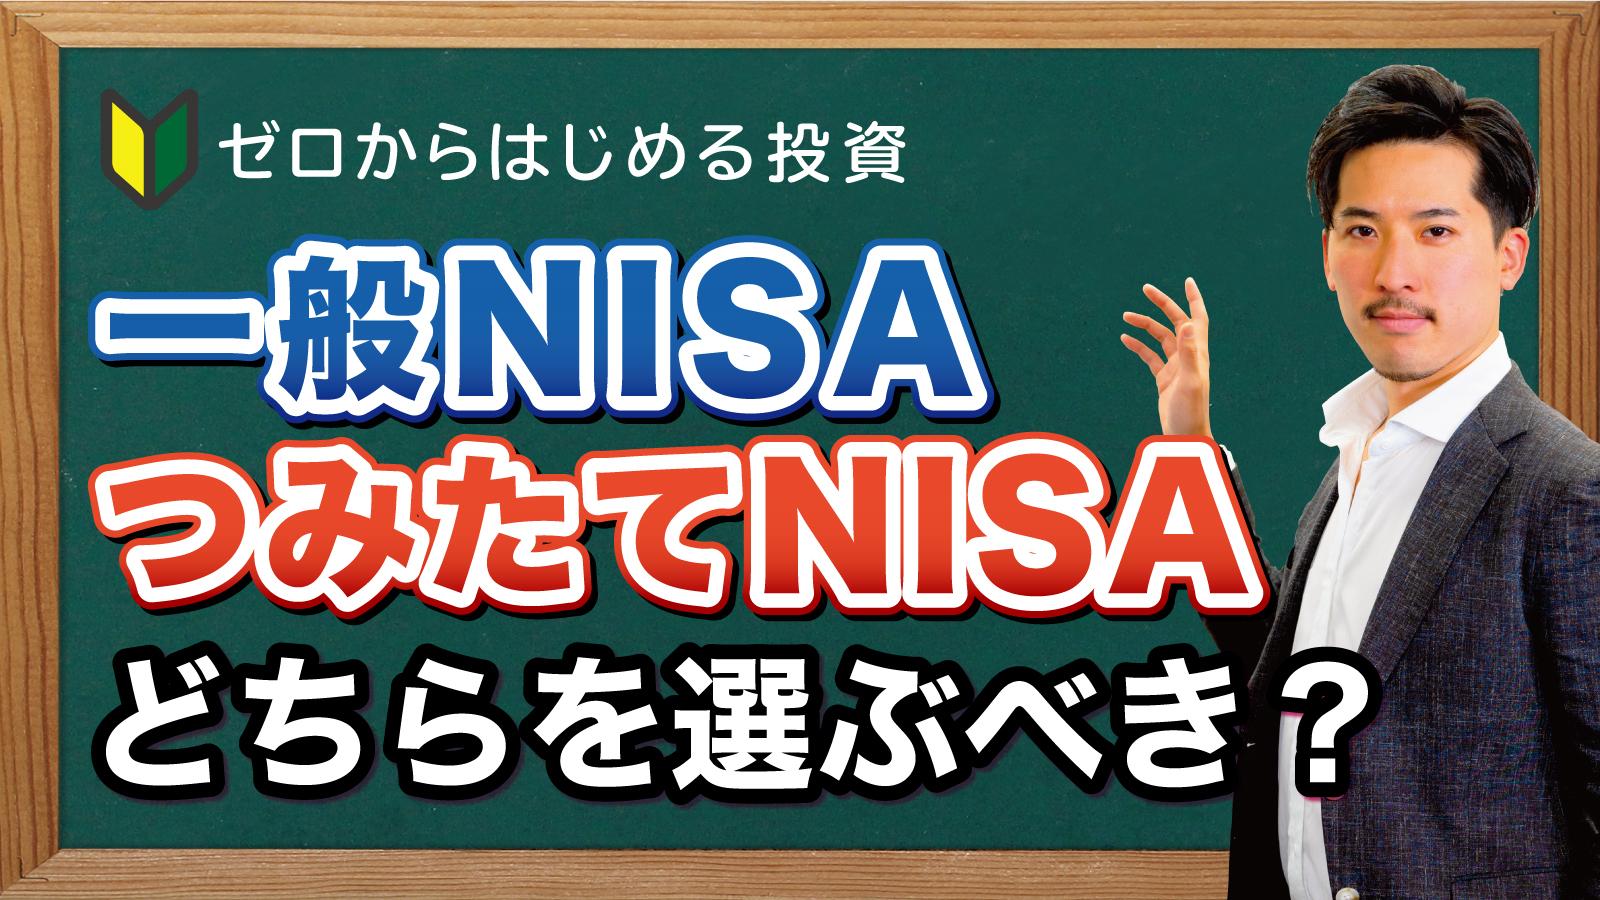 一般NISAとつみたてNISA 自分に合った選び方とは?